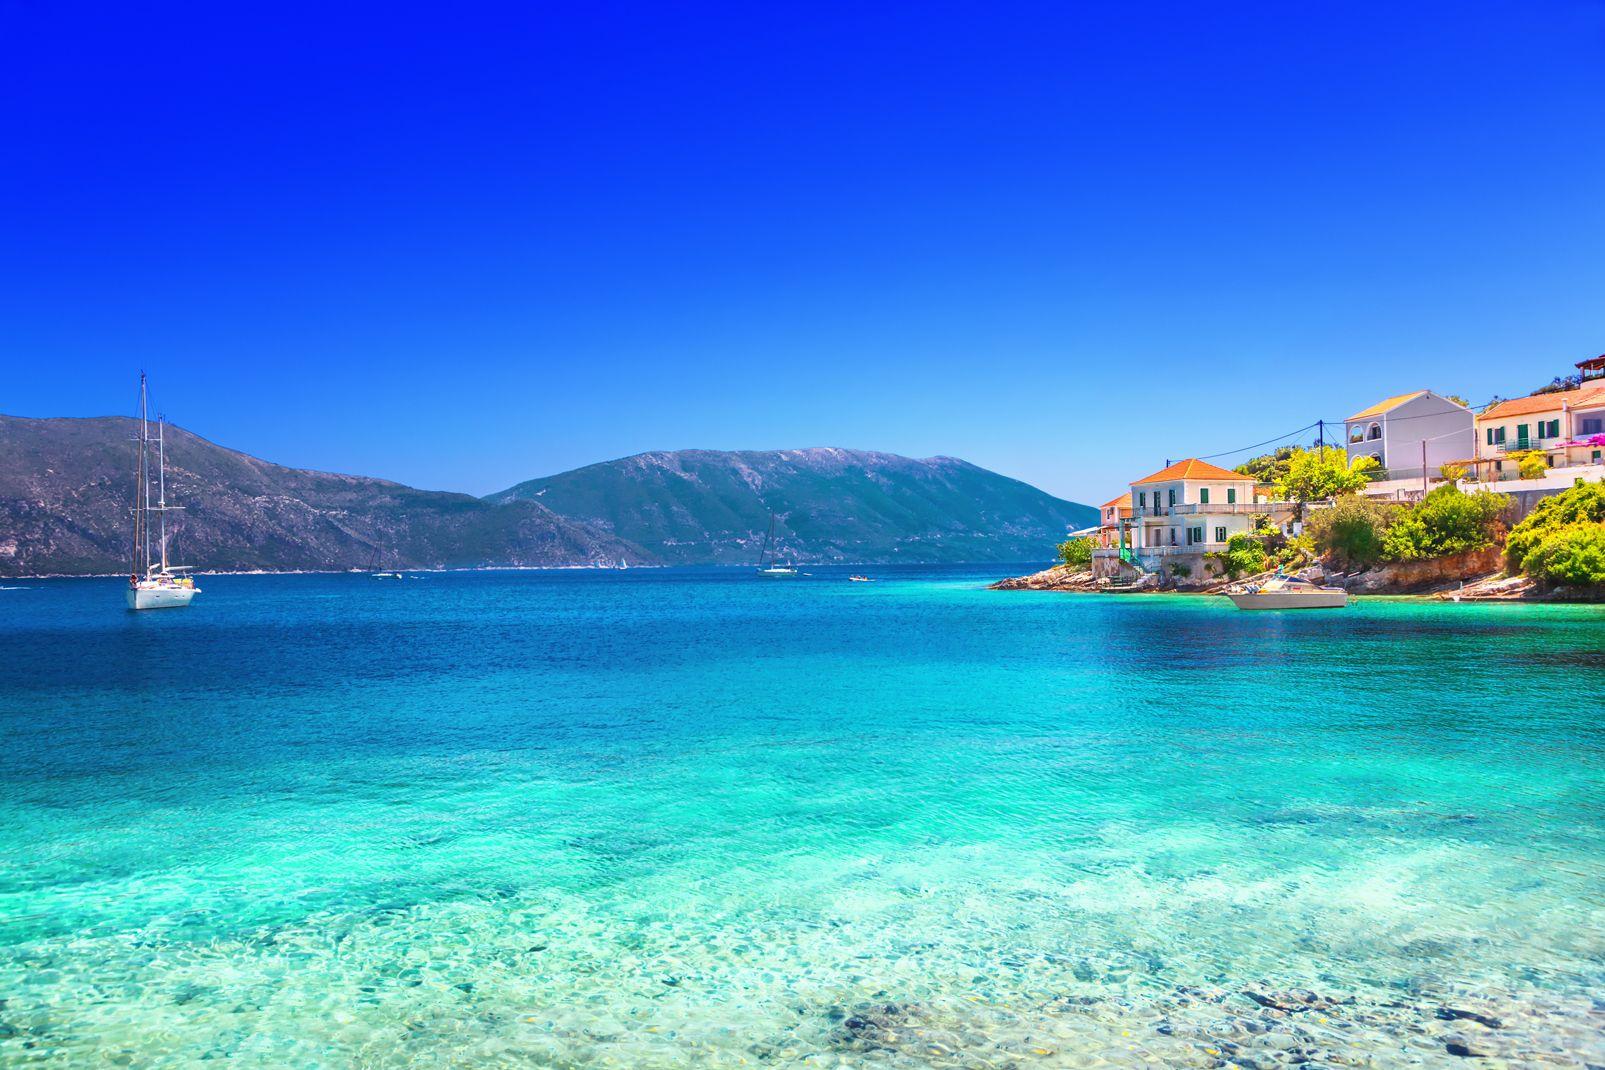 grece, iles, ioniennes, europe, village, kefalonia, fiskardo